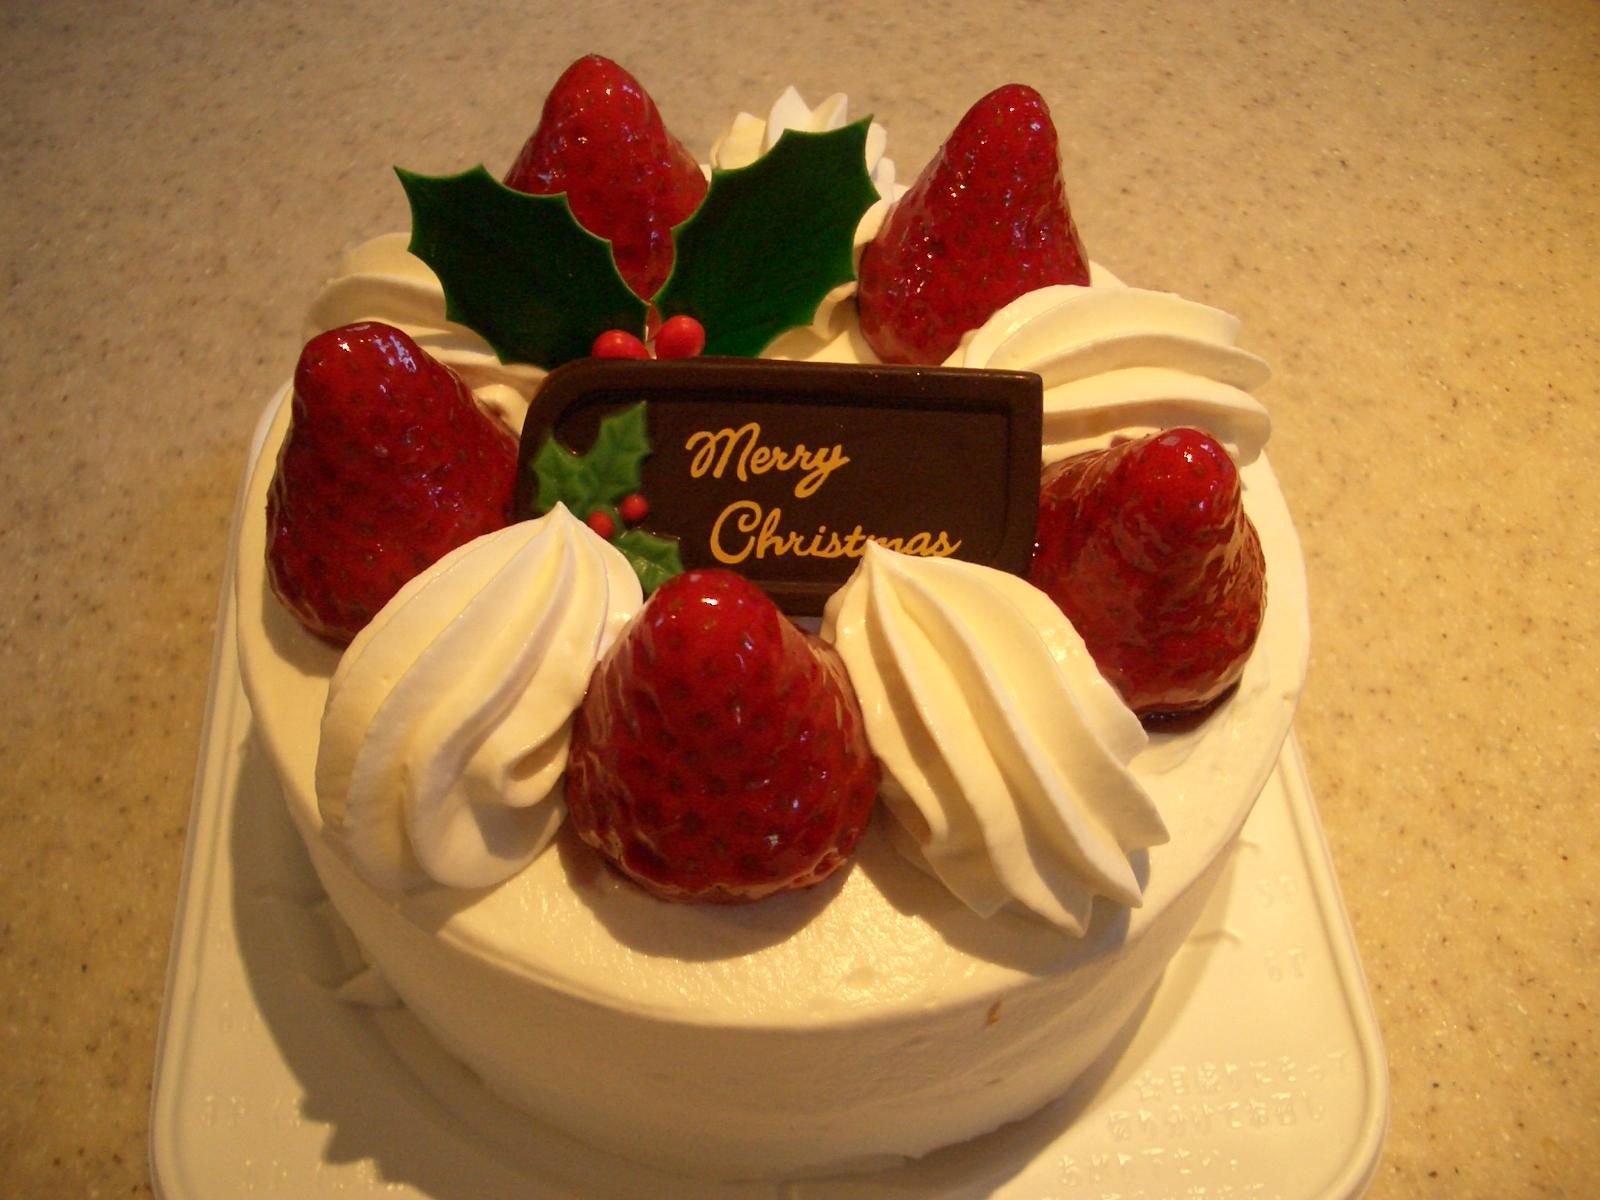 2009年クリスマスケーキ15センチサイズ¥3150